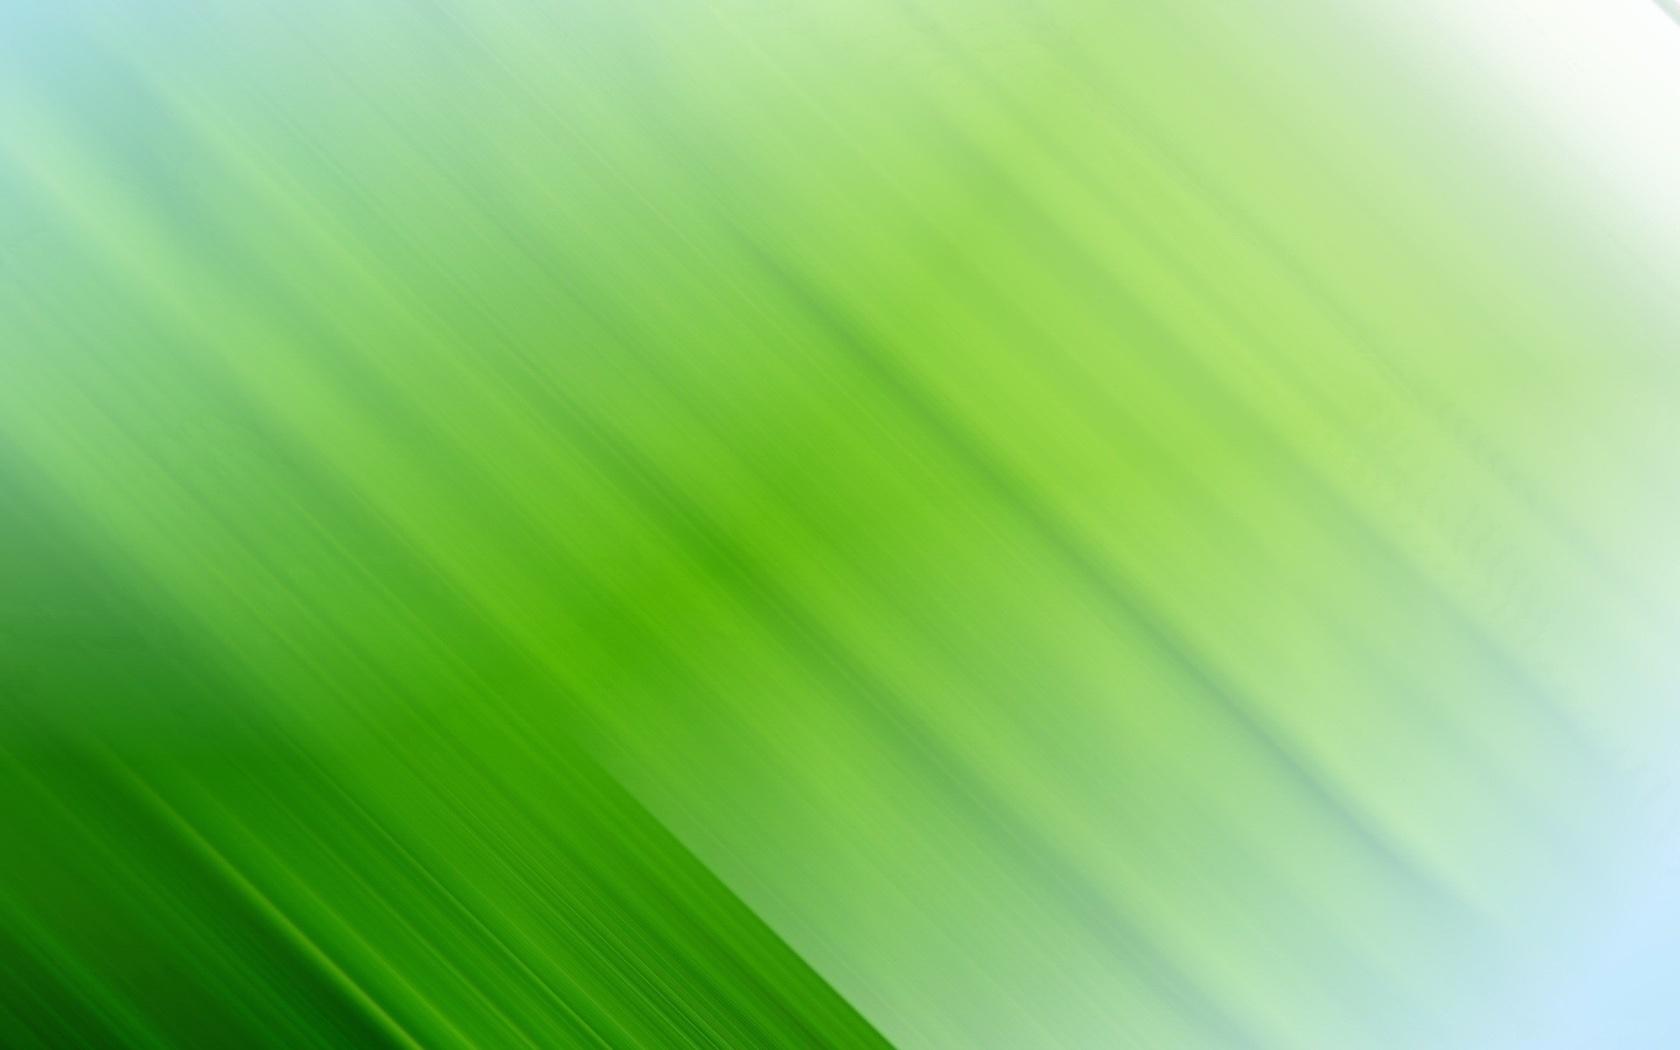 Презентация фон зеленый